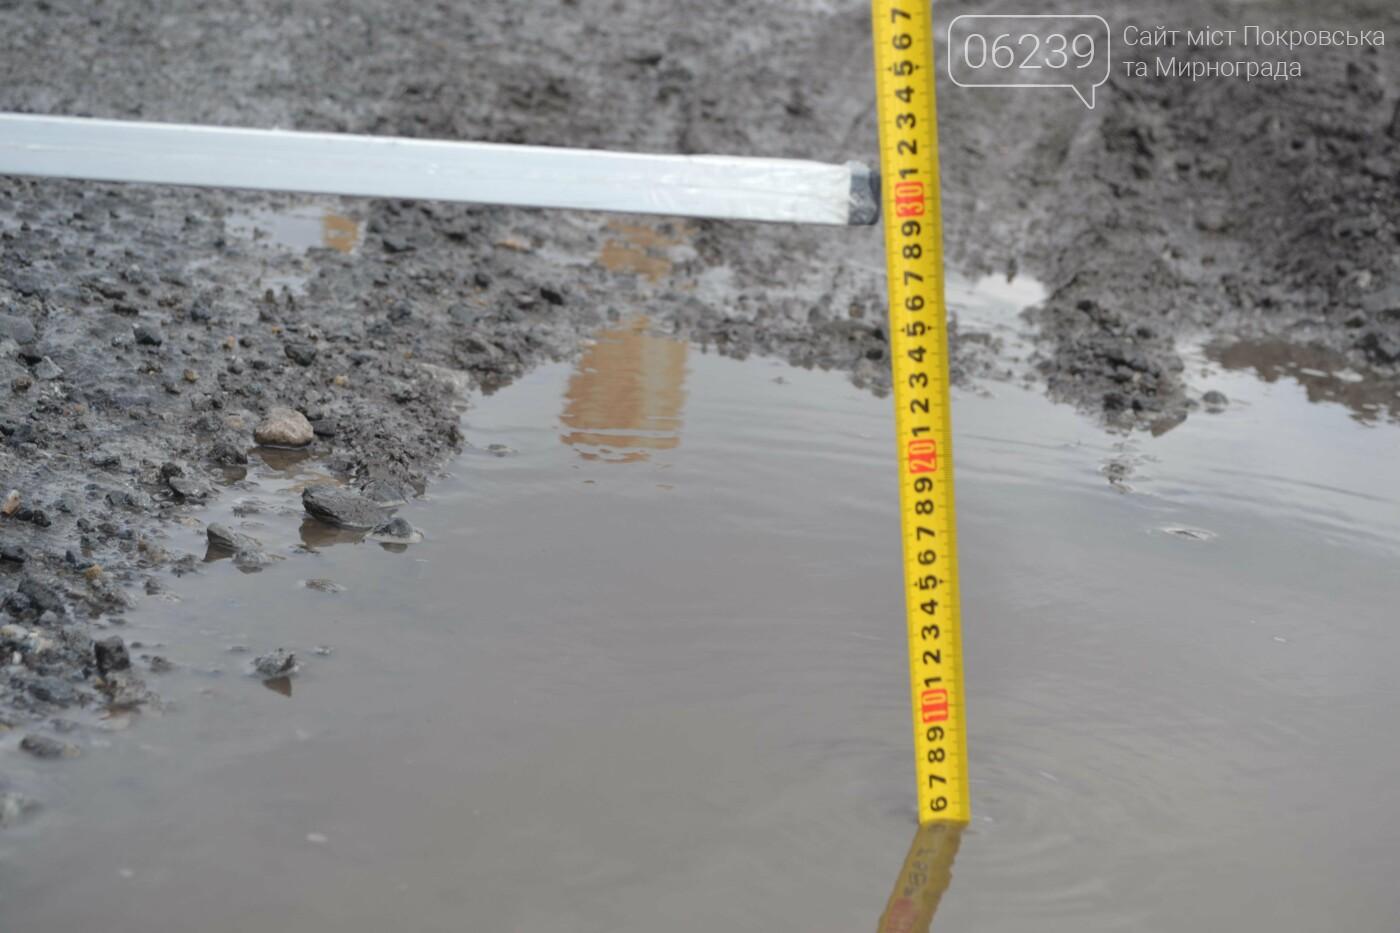 Попал в яму — сам виноват: копы составили протокол на водителя из Покровска, который, въехав в яму, повредил авто, фото-13